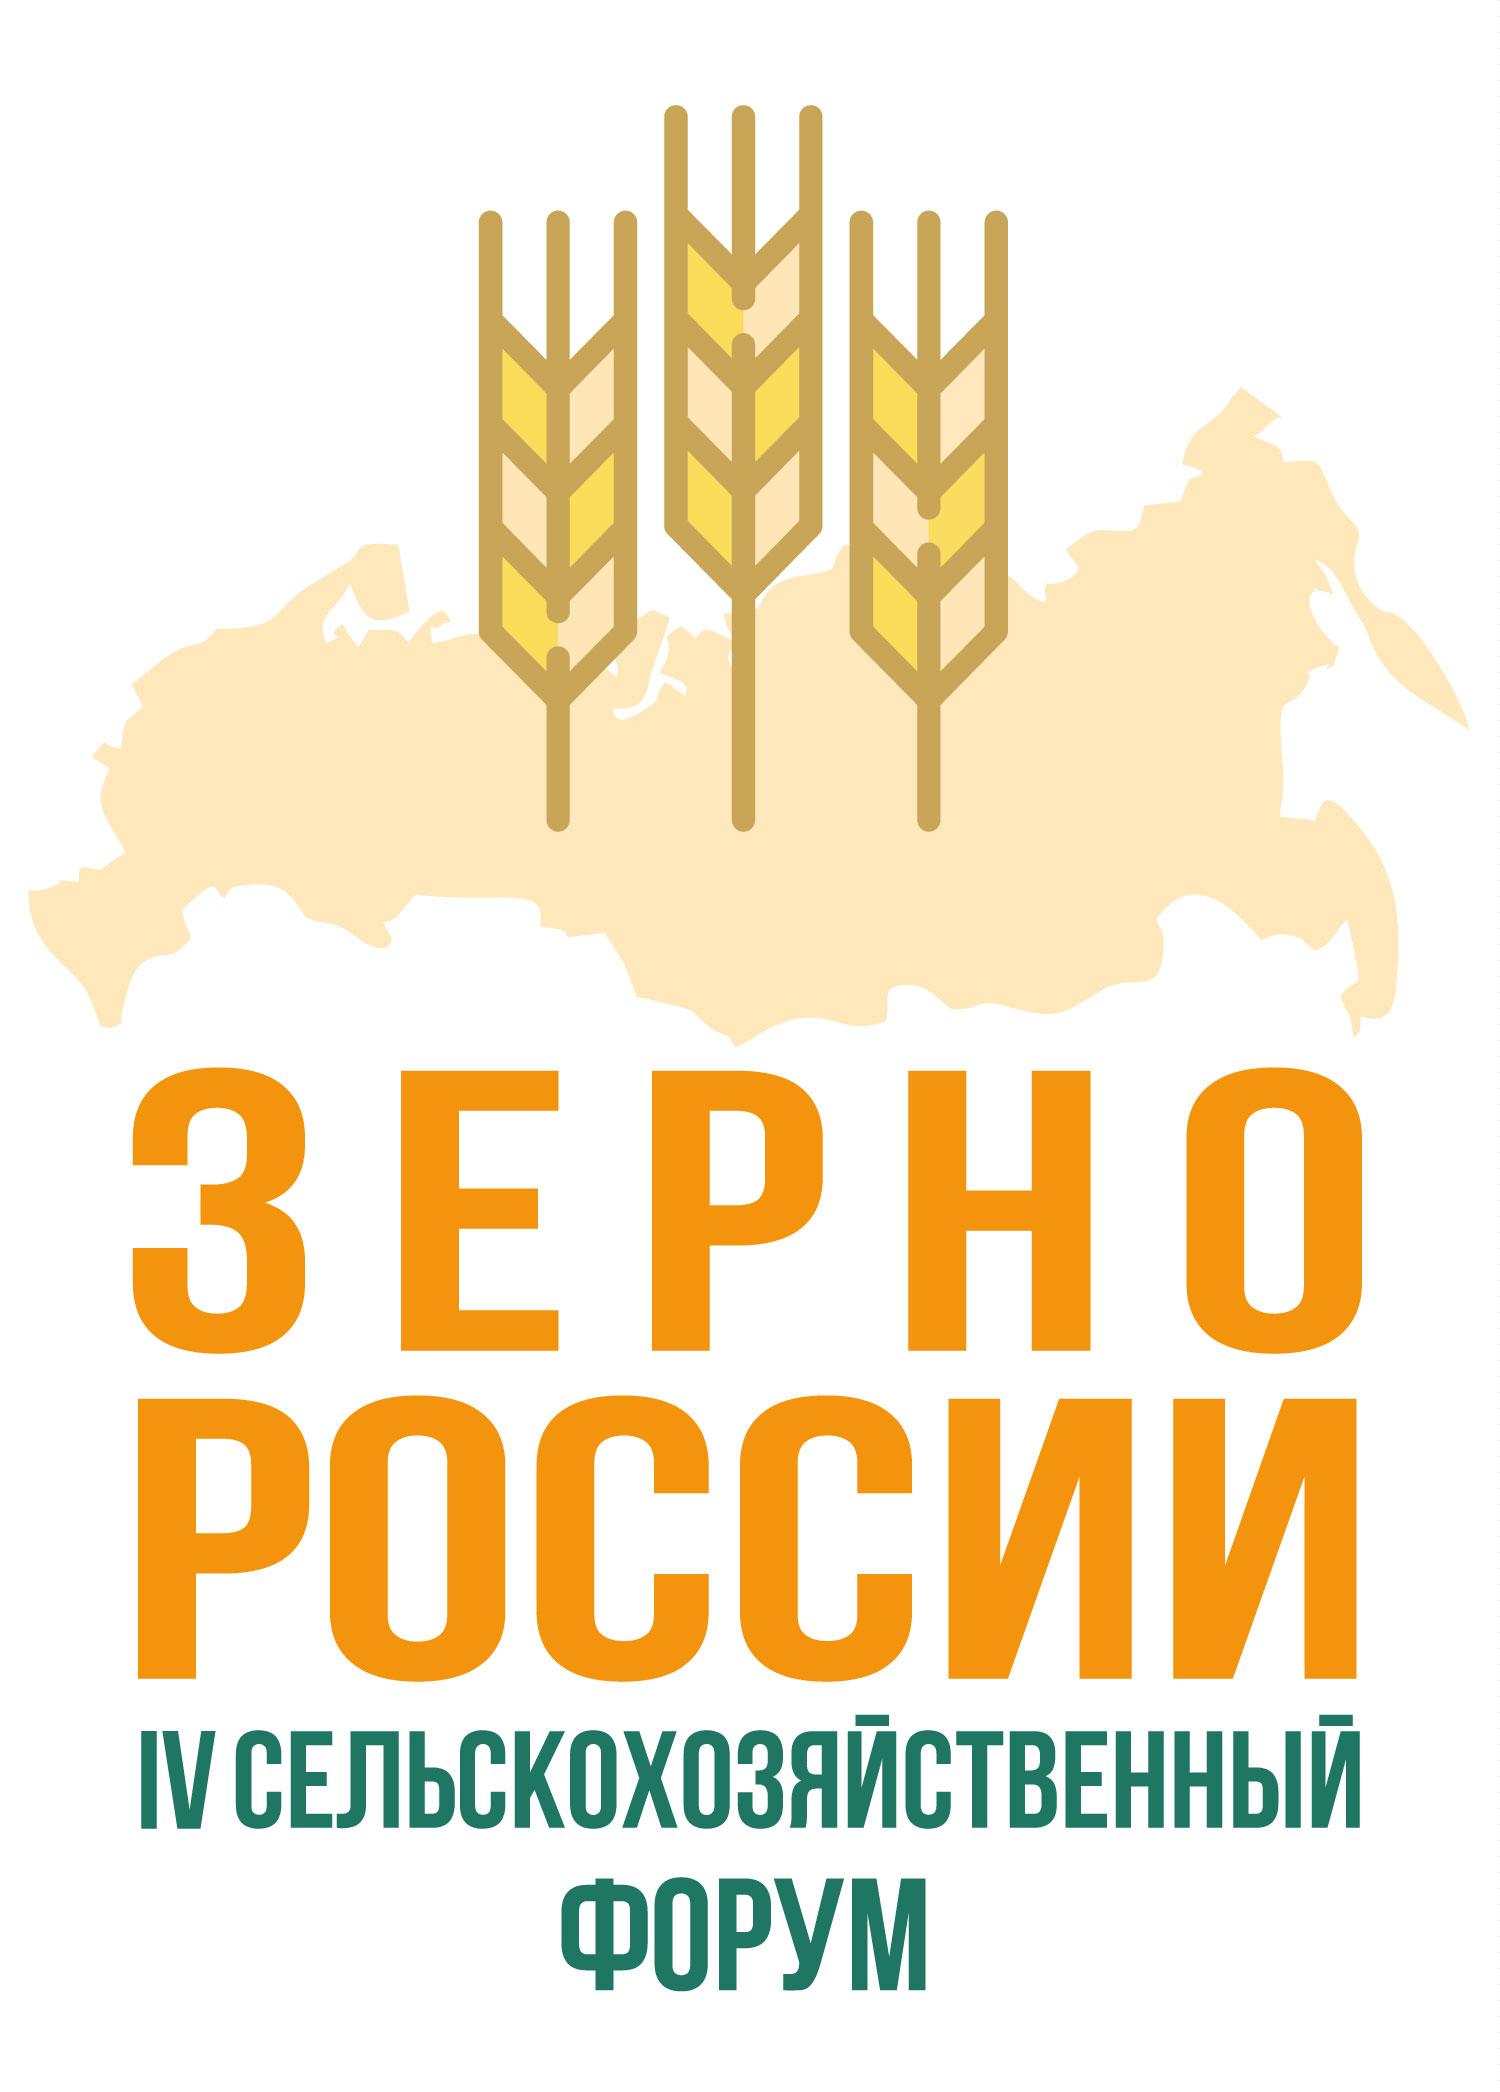 Михаил Ханов, директор Новороссийского филиала ФГБУ «Центр оценки качества зерна» выступит на IV международном сельскохозяйственном форуме «Зерно России 2020», который пройдёт 14 февраля 2020 года в городе Краснодар, ГК «Интурист»